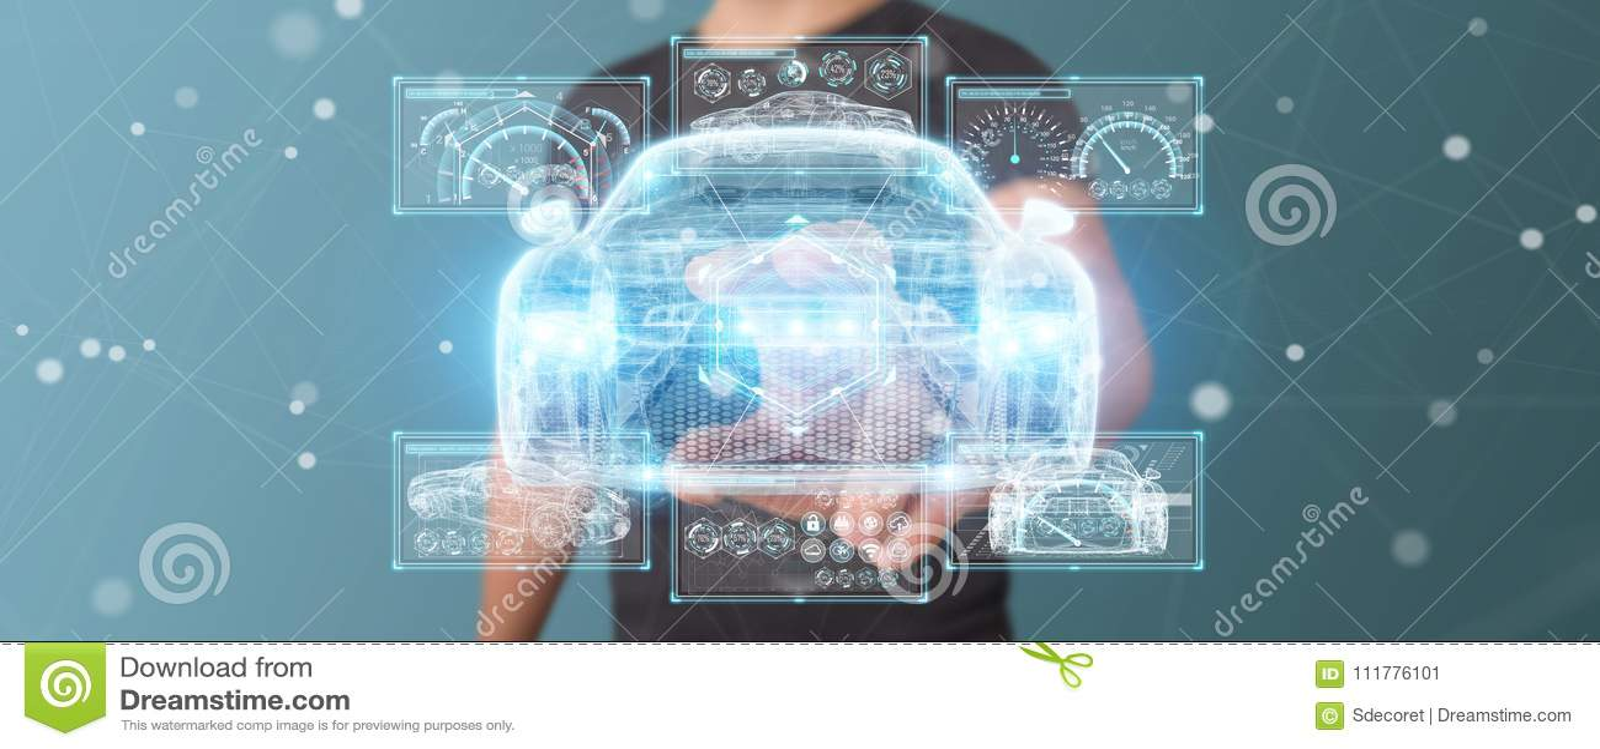 Επιχειρηματίας που χρησιμοποιεί τη σύγχρονη έξυπνη τρισδιάστατη απόδοση διεπαφών αυτοκινήτων